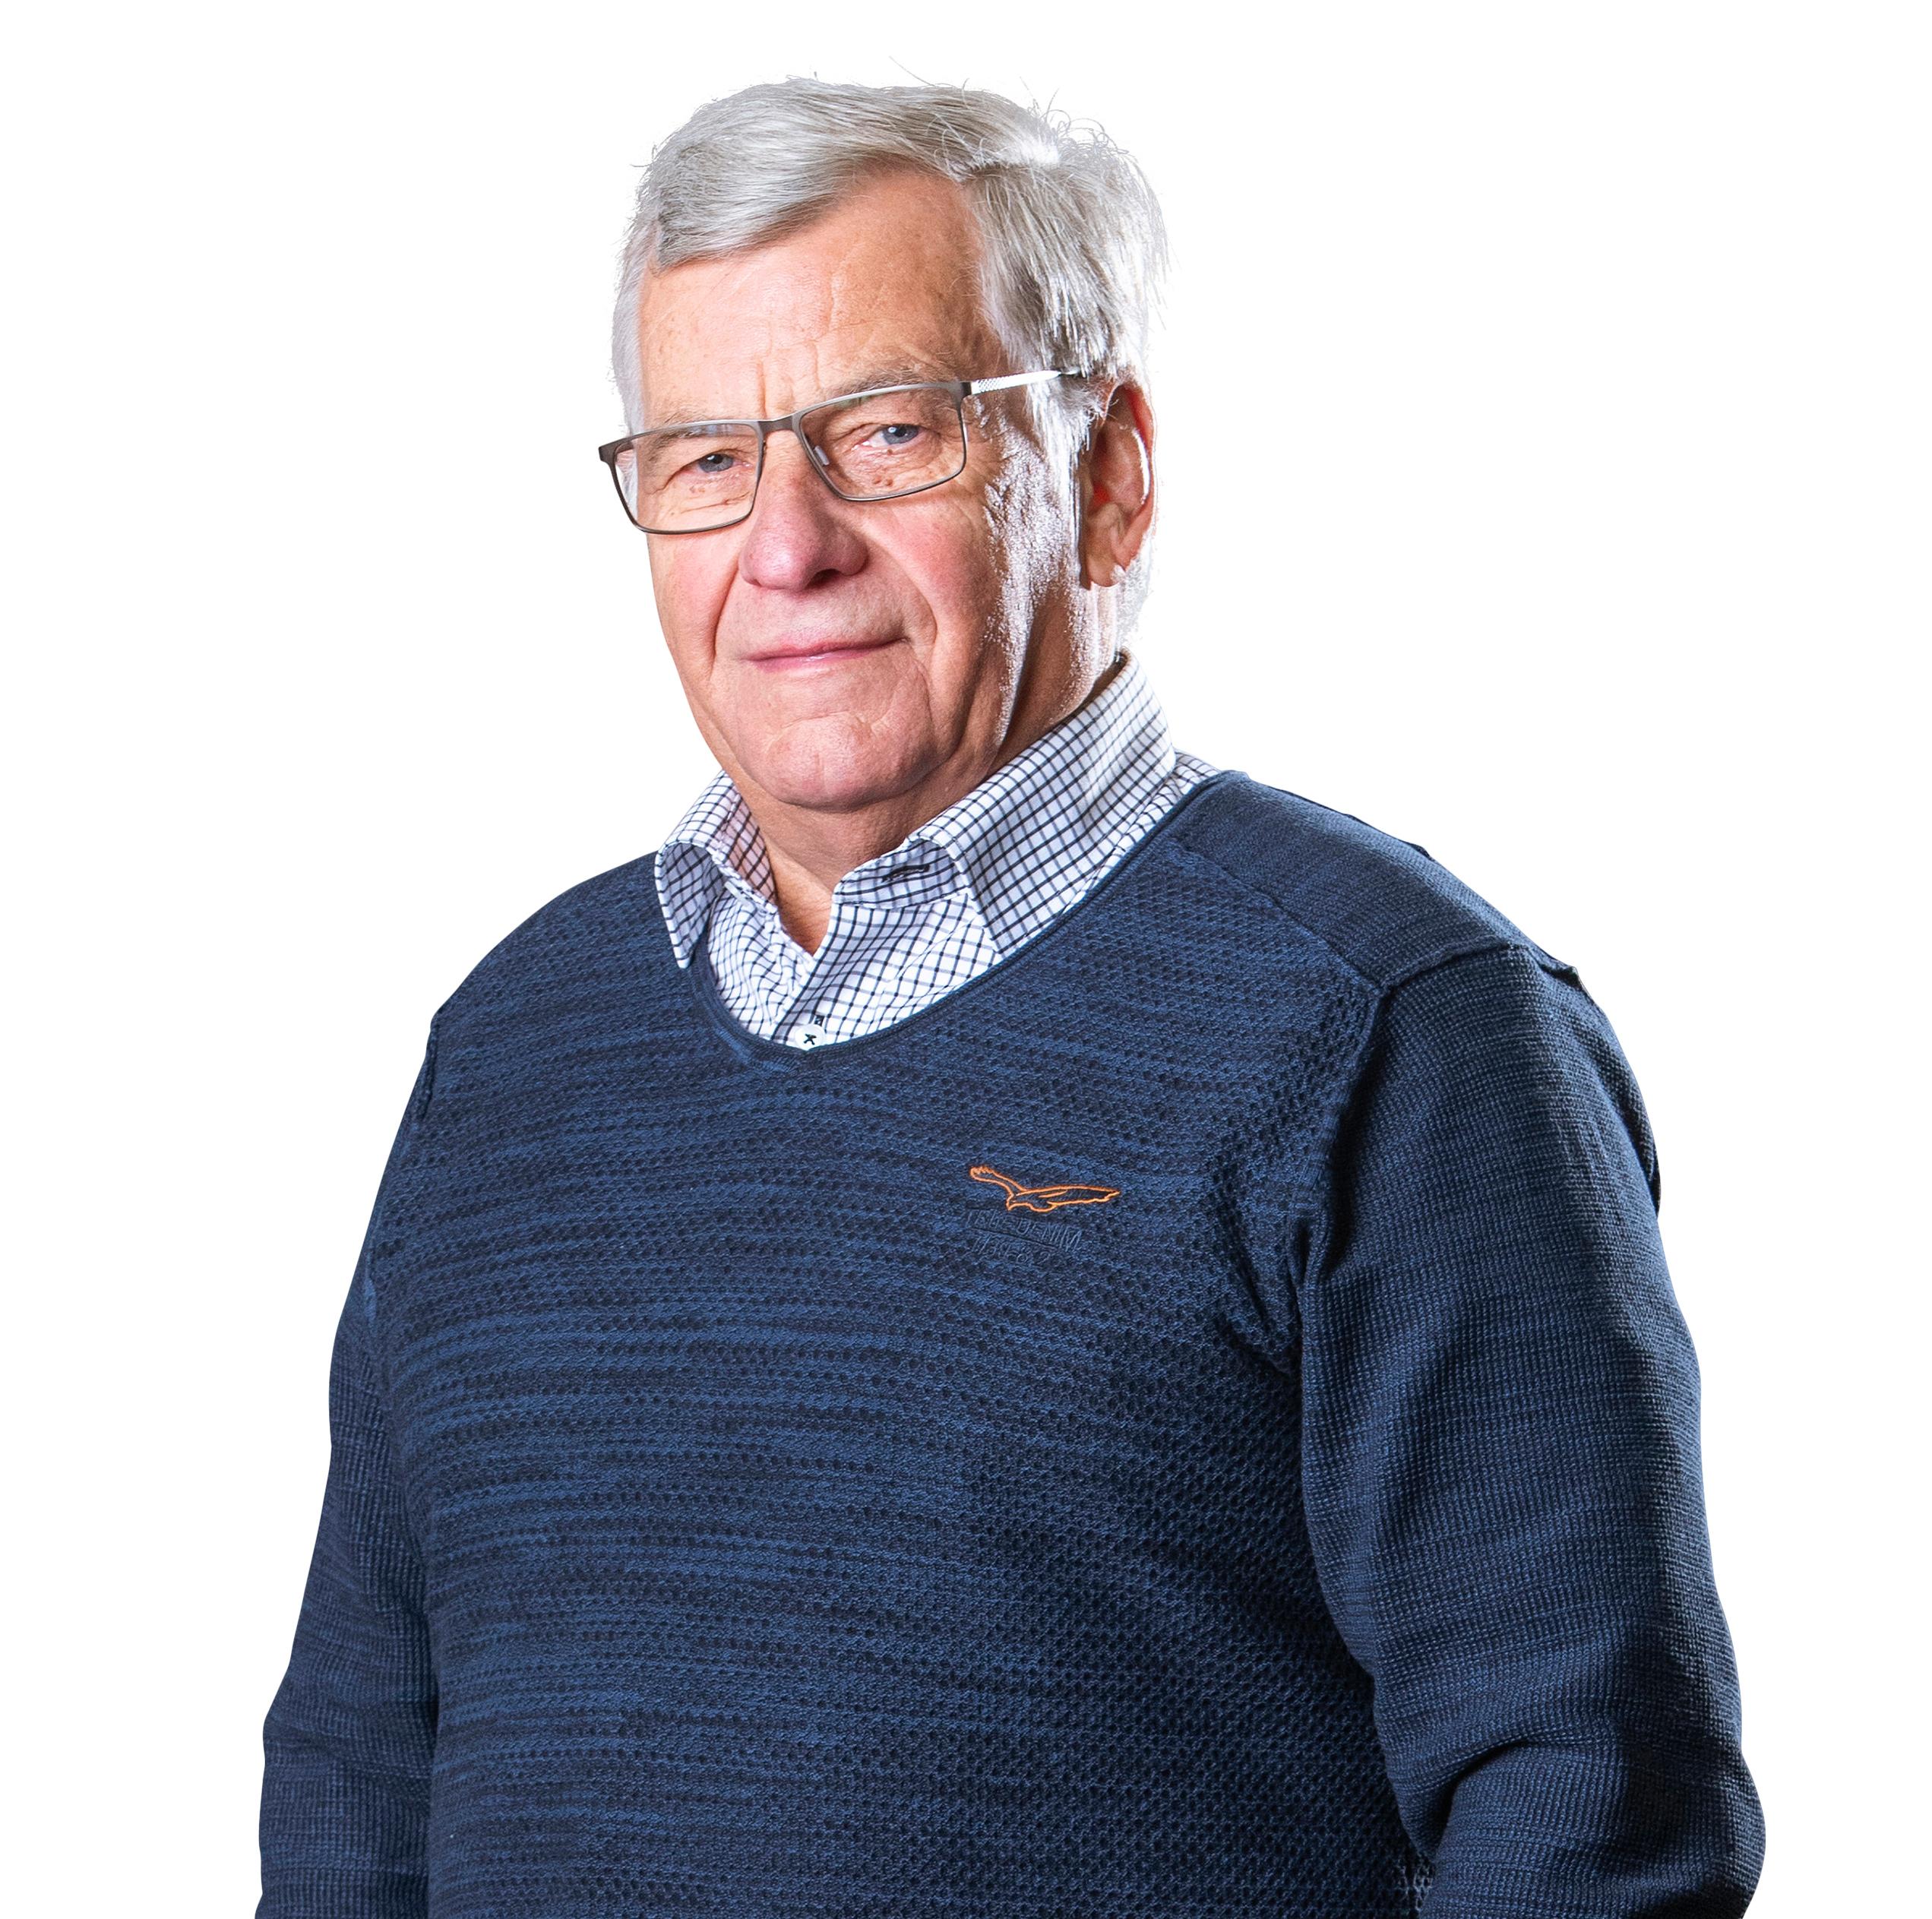 Kurt Wintschnig